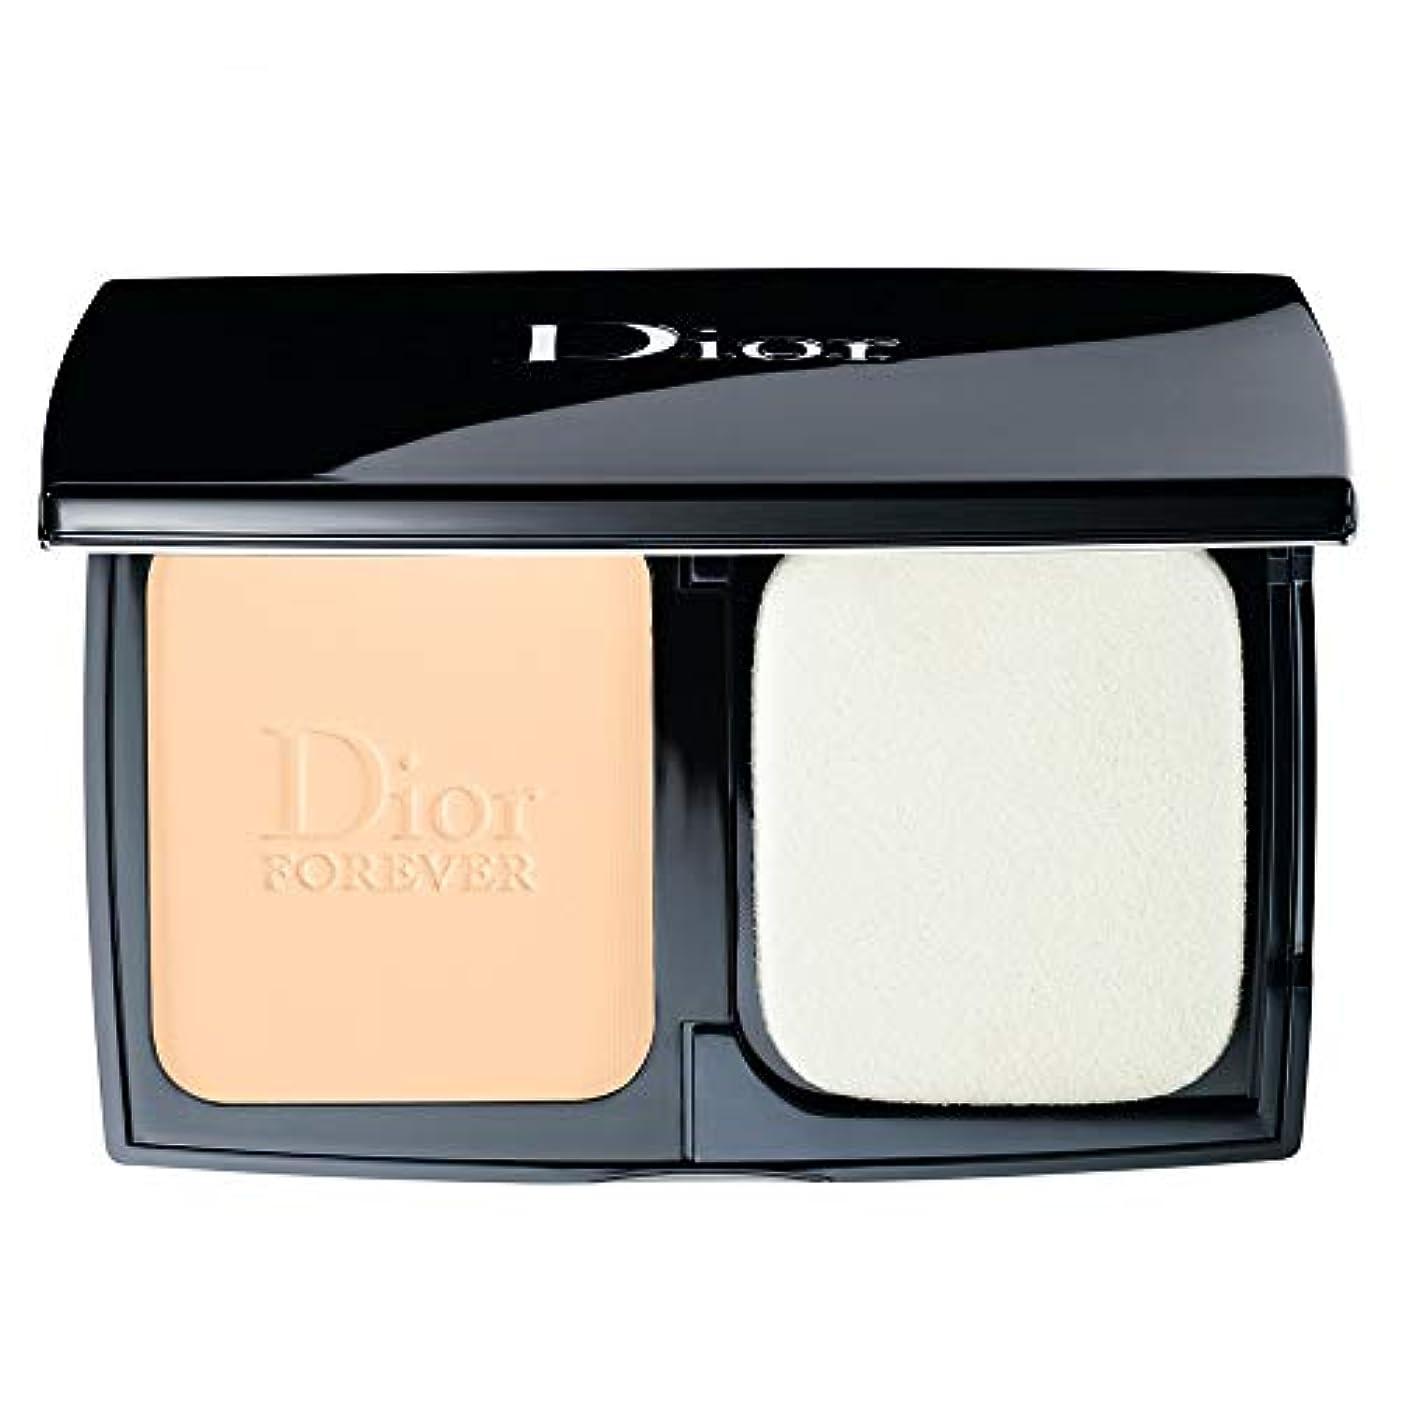 散歩仕事吐くクリスチャンディオール Diorskin Forever Extreme Control Perfect Matte Powder Makeup SPF 20 - # 010 Ivory 9g/0.31oz並行輸入品